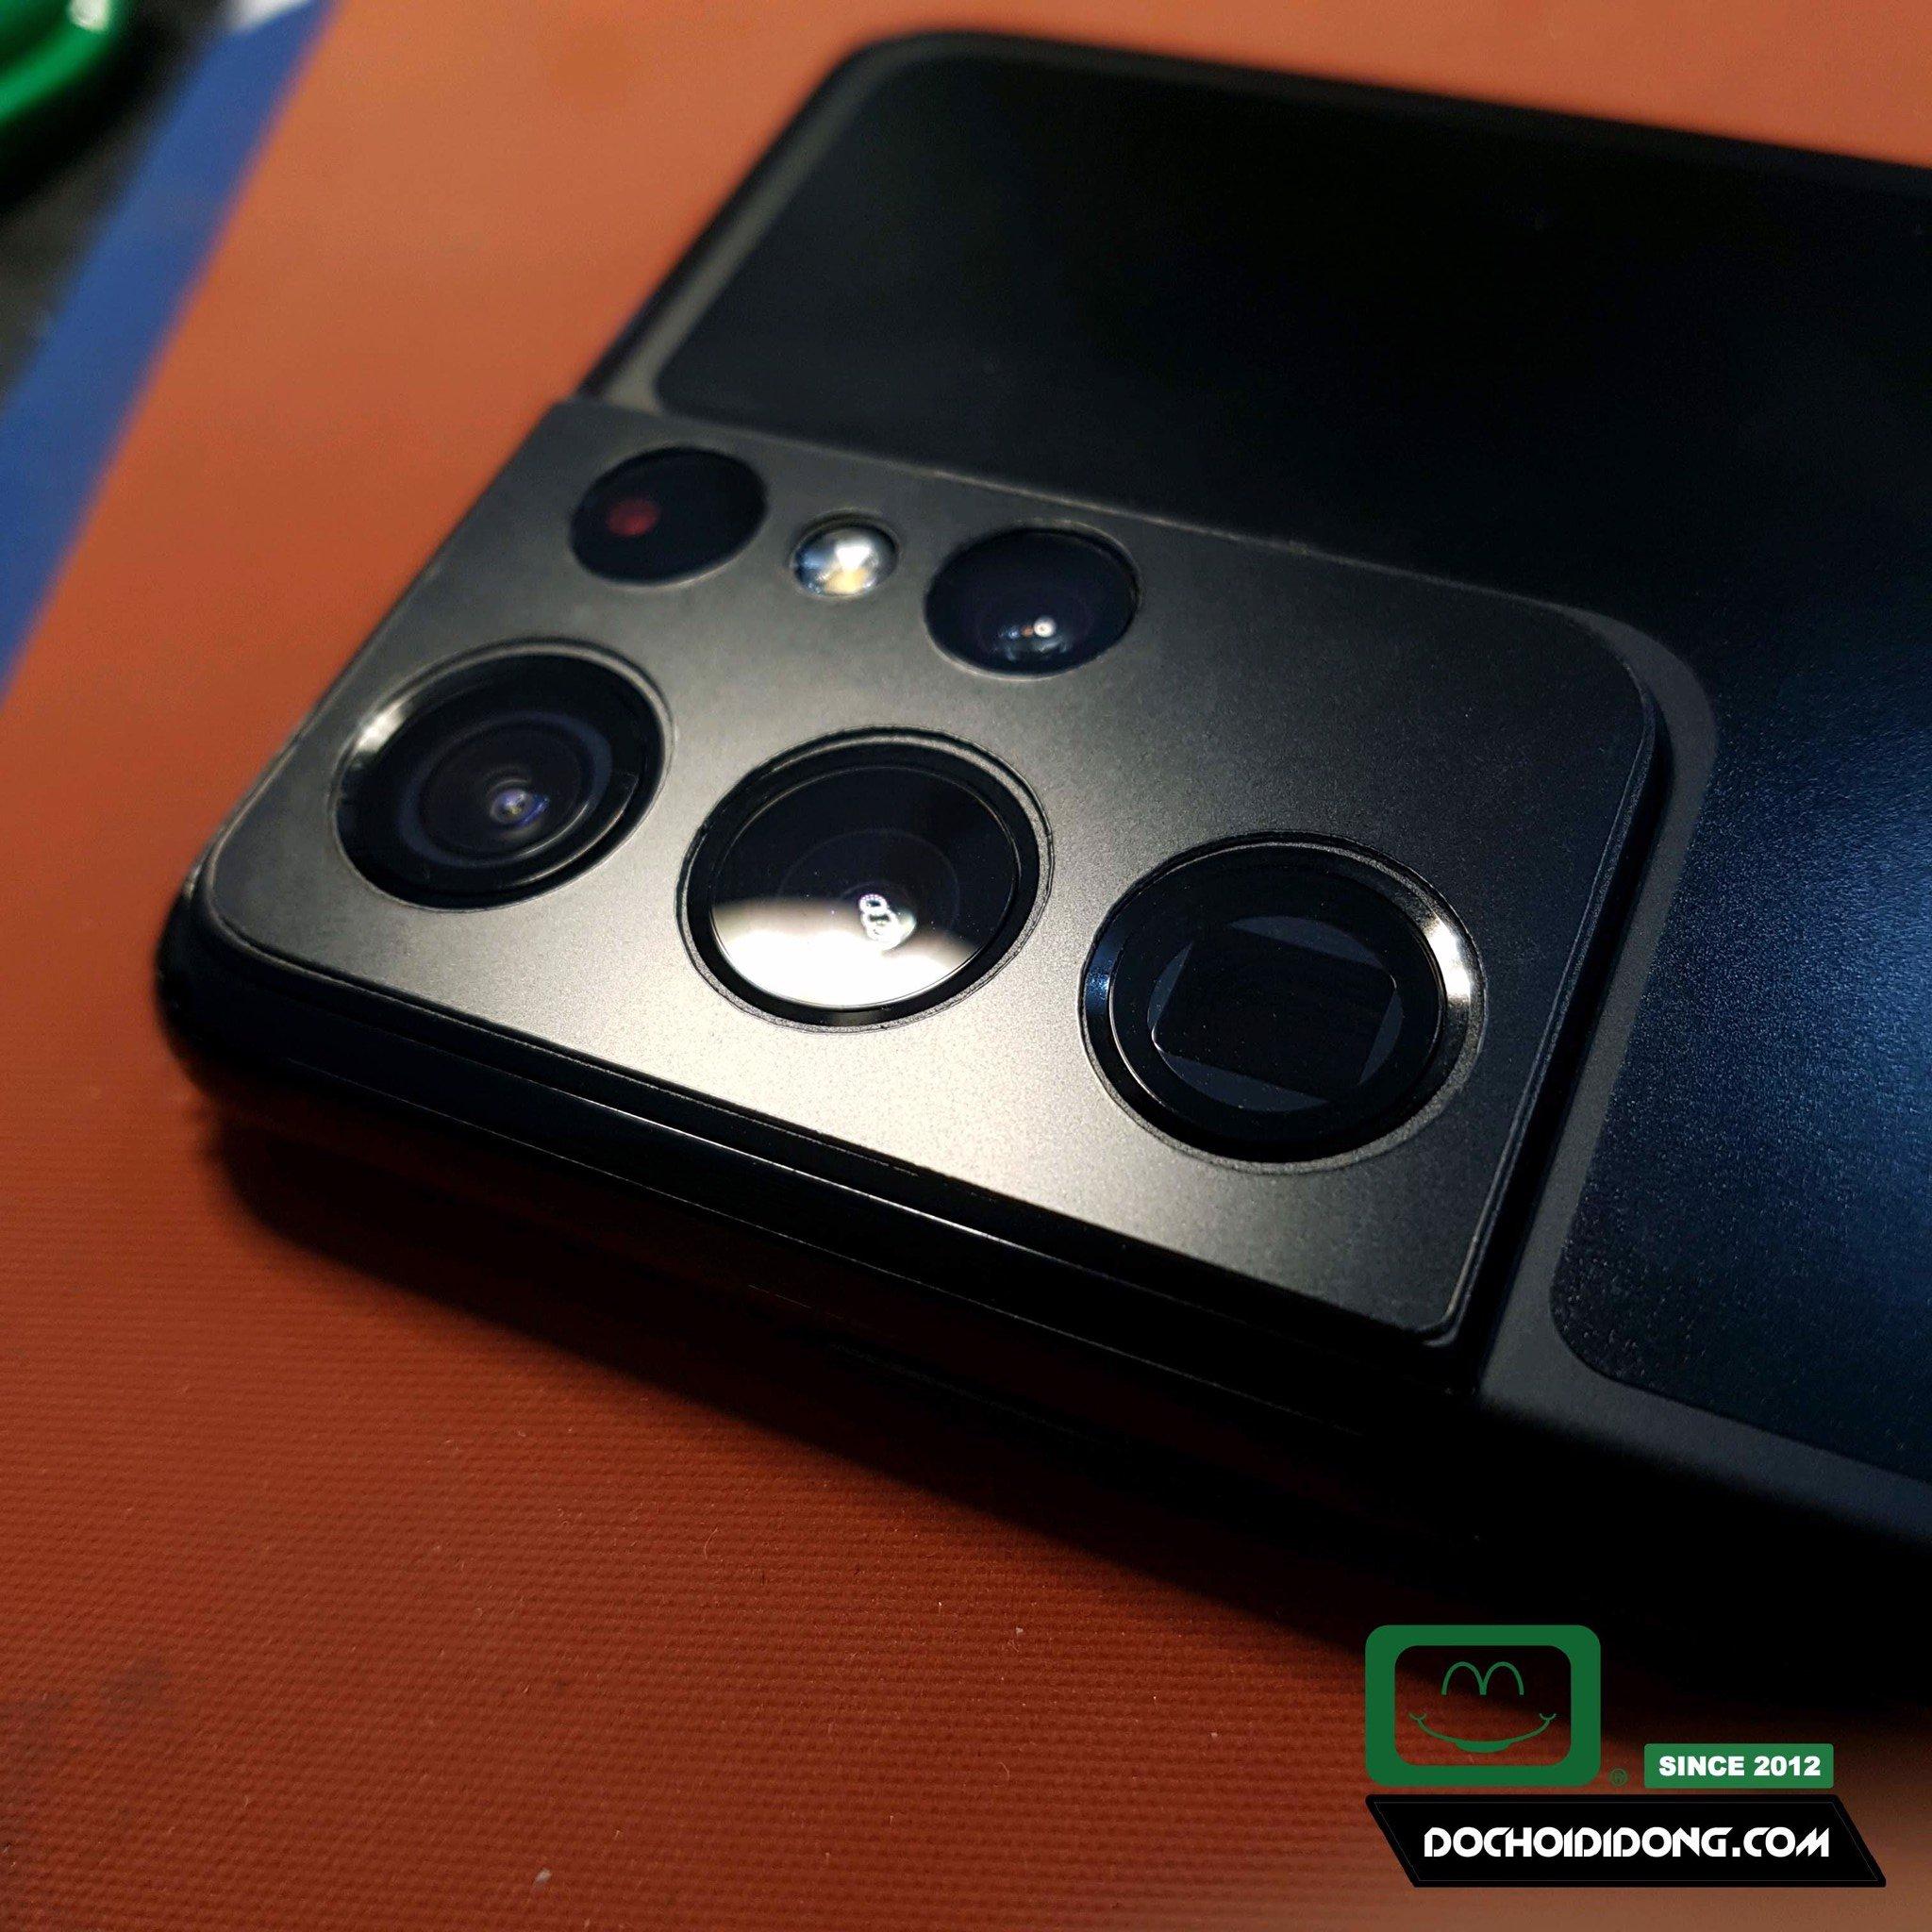 mieng-dan-cuong-luc-camera-samsung-s21-s21-plus-s21-ultra-nguyen-lieu-nano-nham-cao-cap